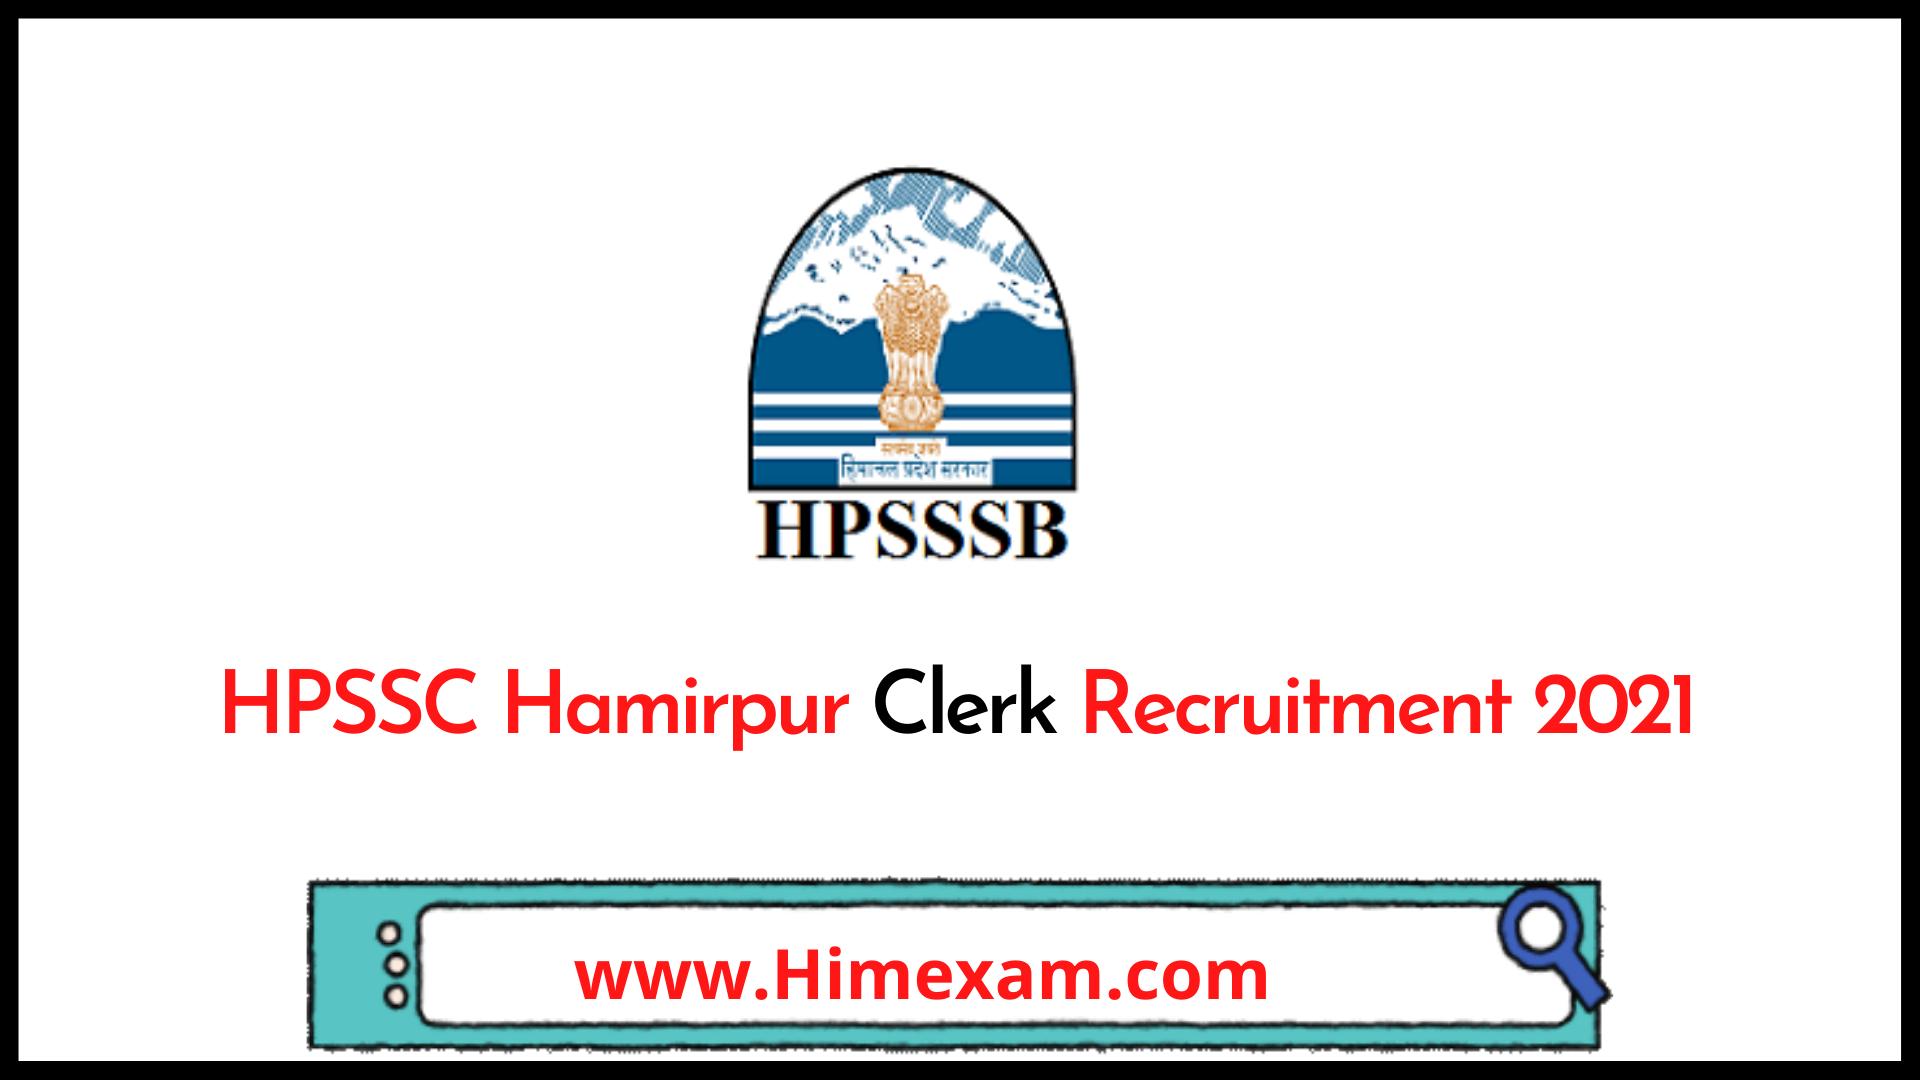 HPSSC Hamirpur Clerk Recruitment 2021